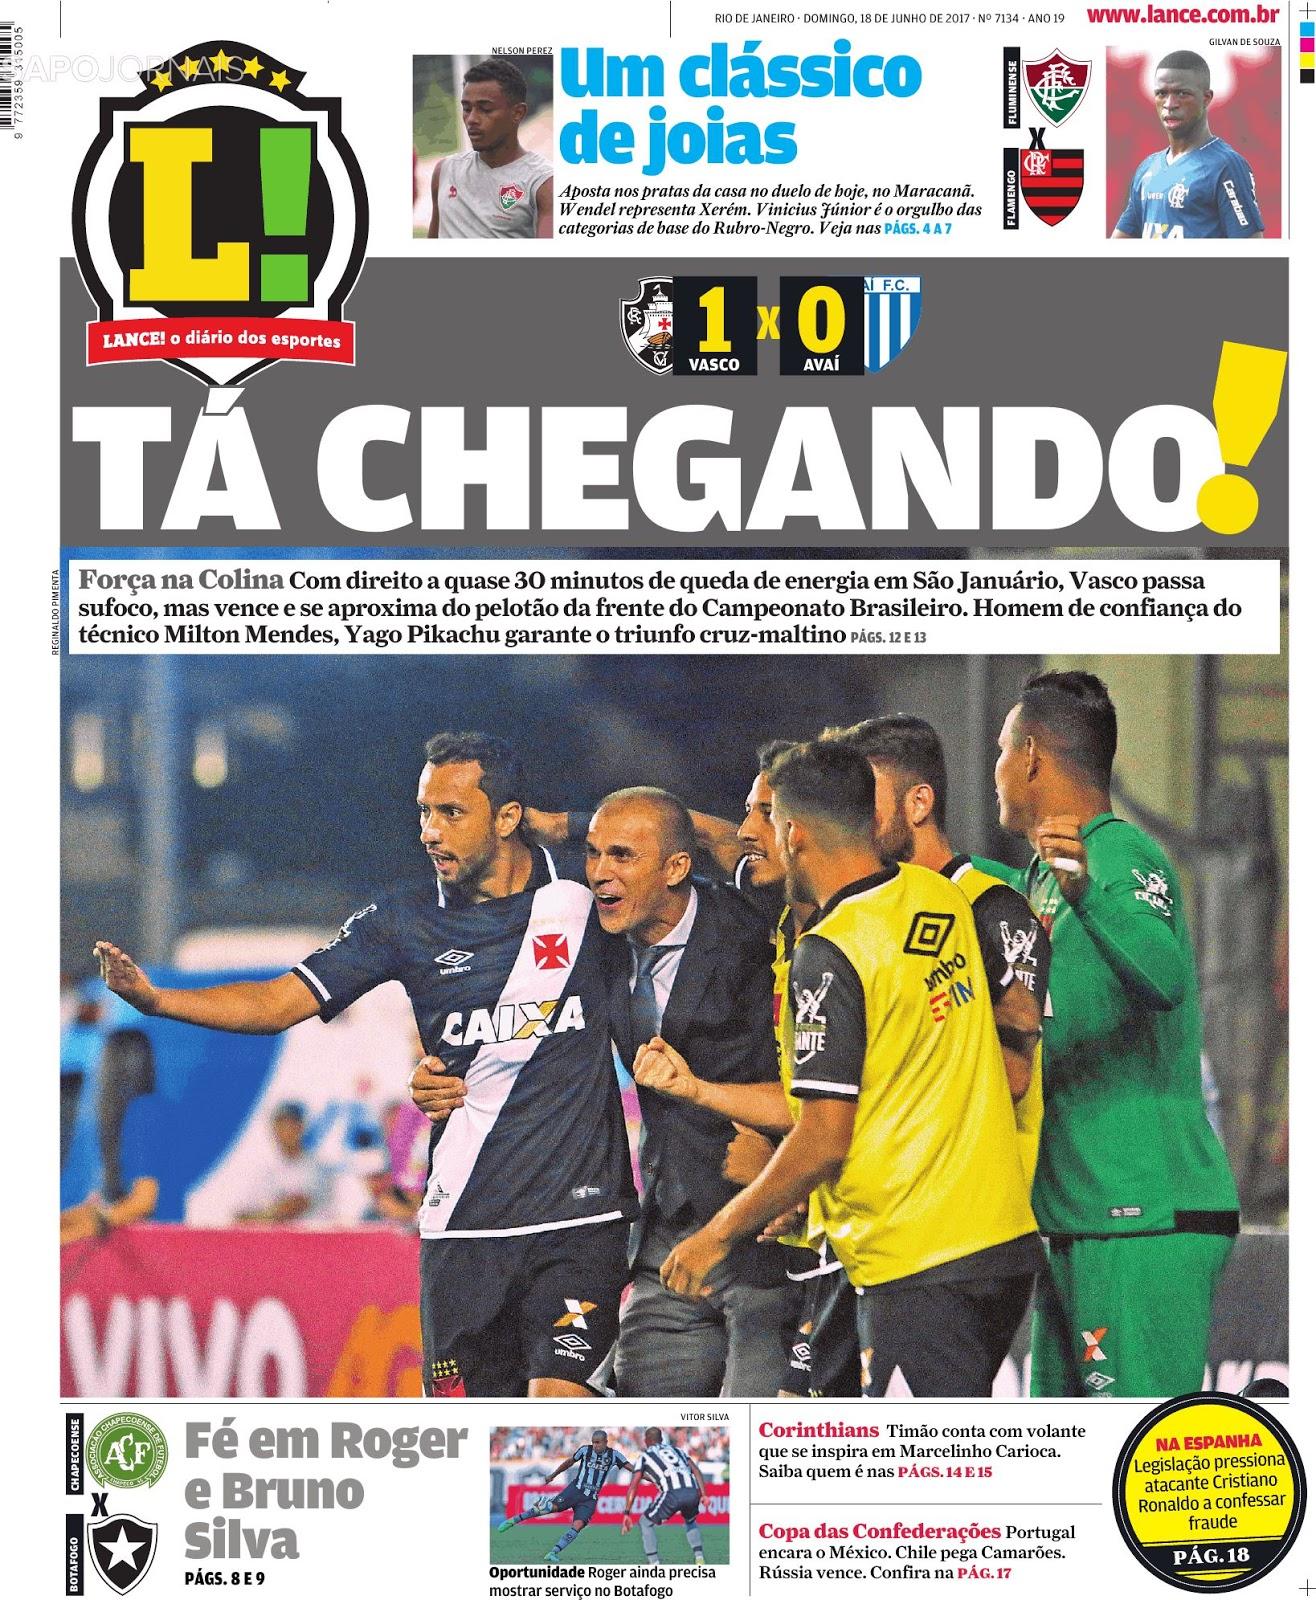 Vasco da Gama supera Avaí e alcança quarta vitória no Rio de Janeiro ... eba1b84bdc420